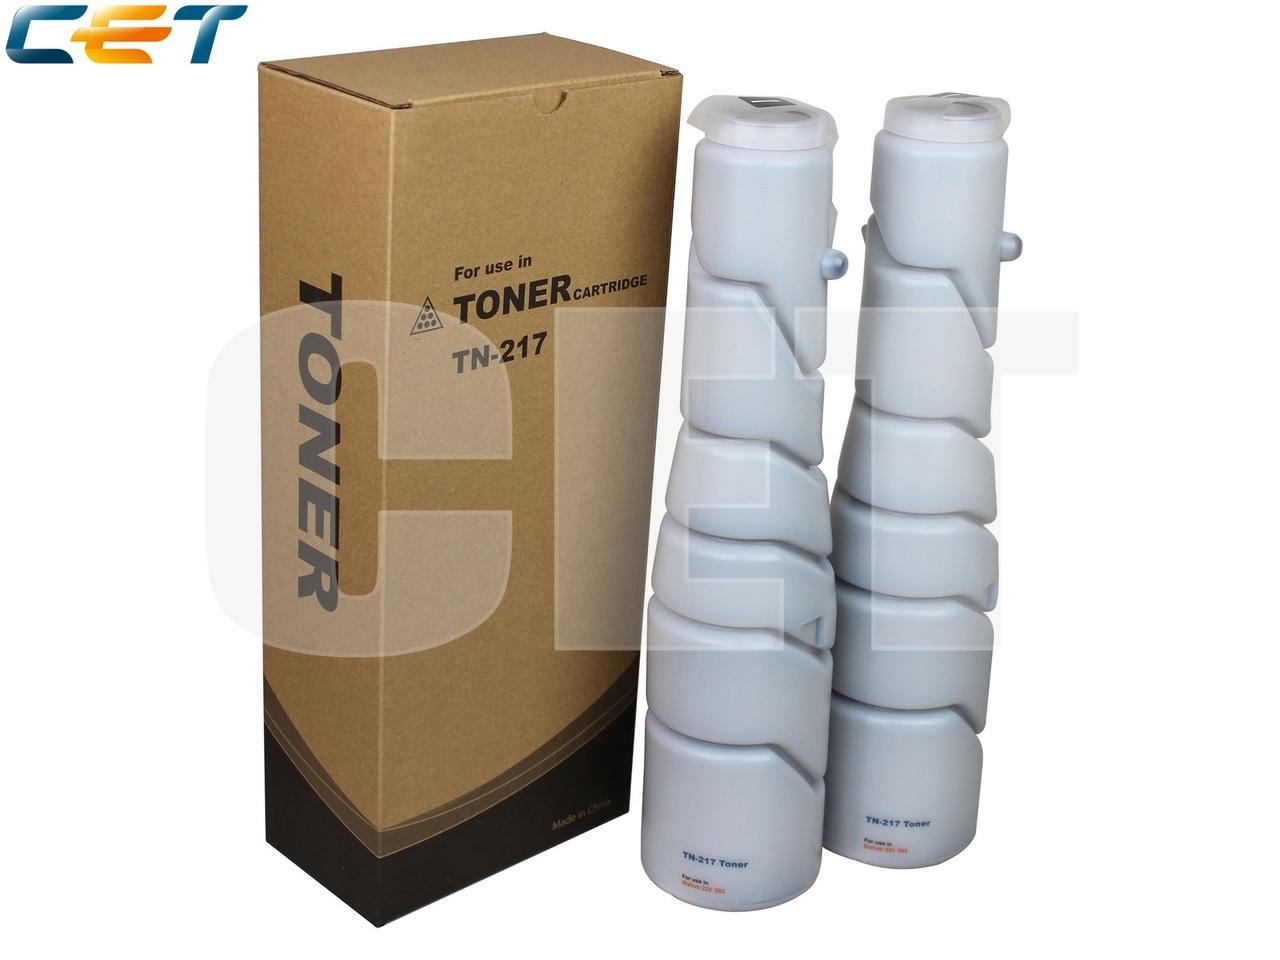 Тонер-картридж TN-217/TN-414 для KONICA MINOLTA Bizhub223/283/363/423 (CET), 360г, 17500 стр., CET6997